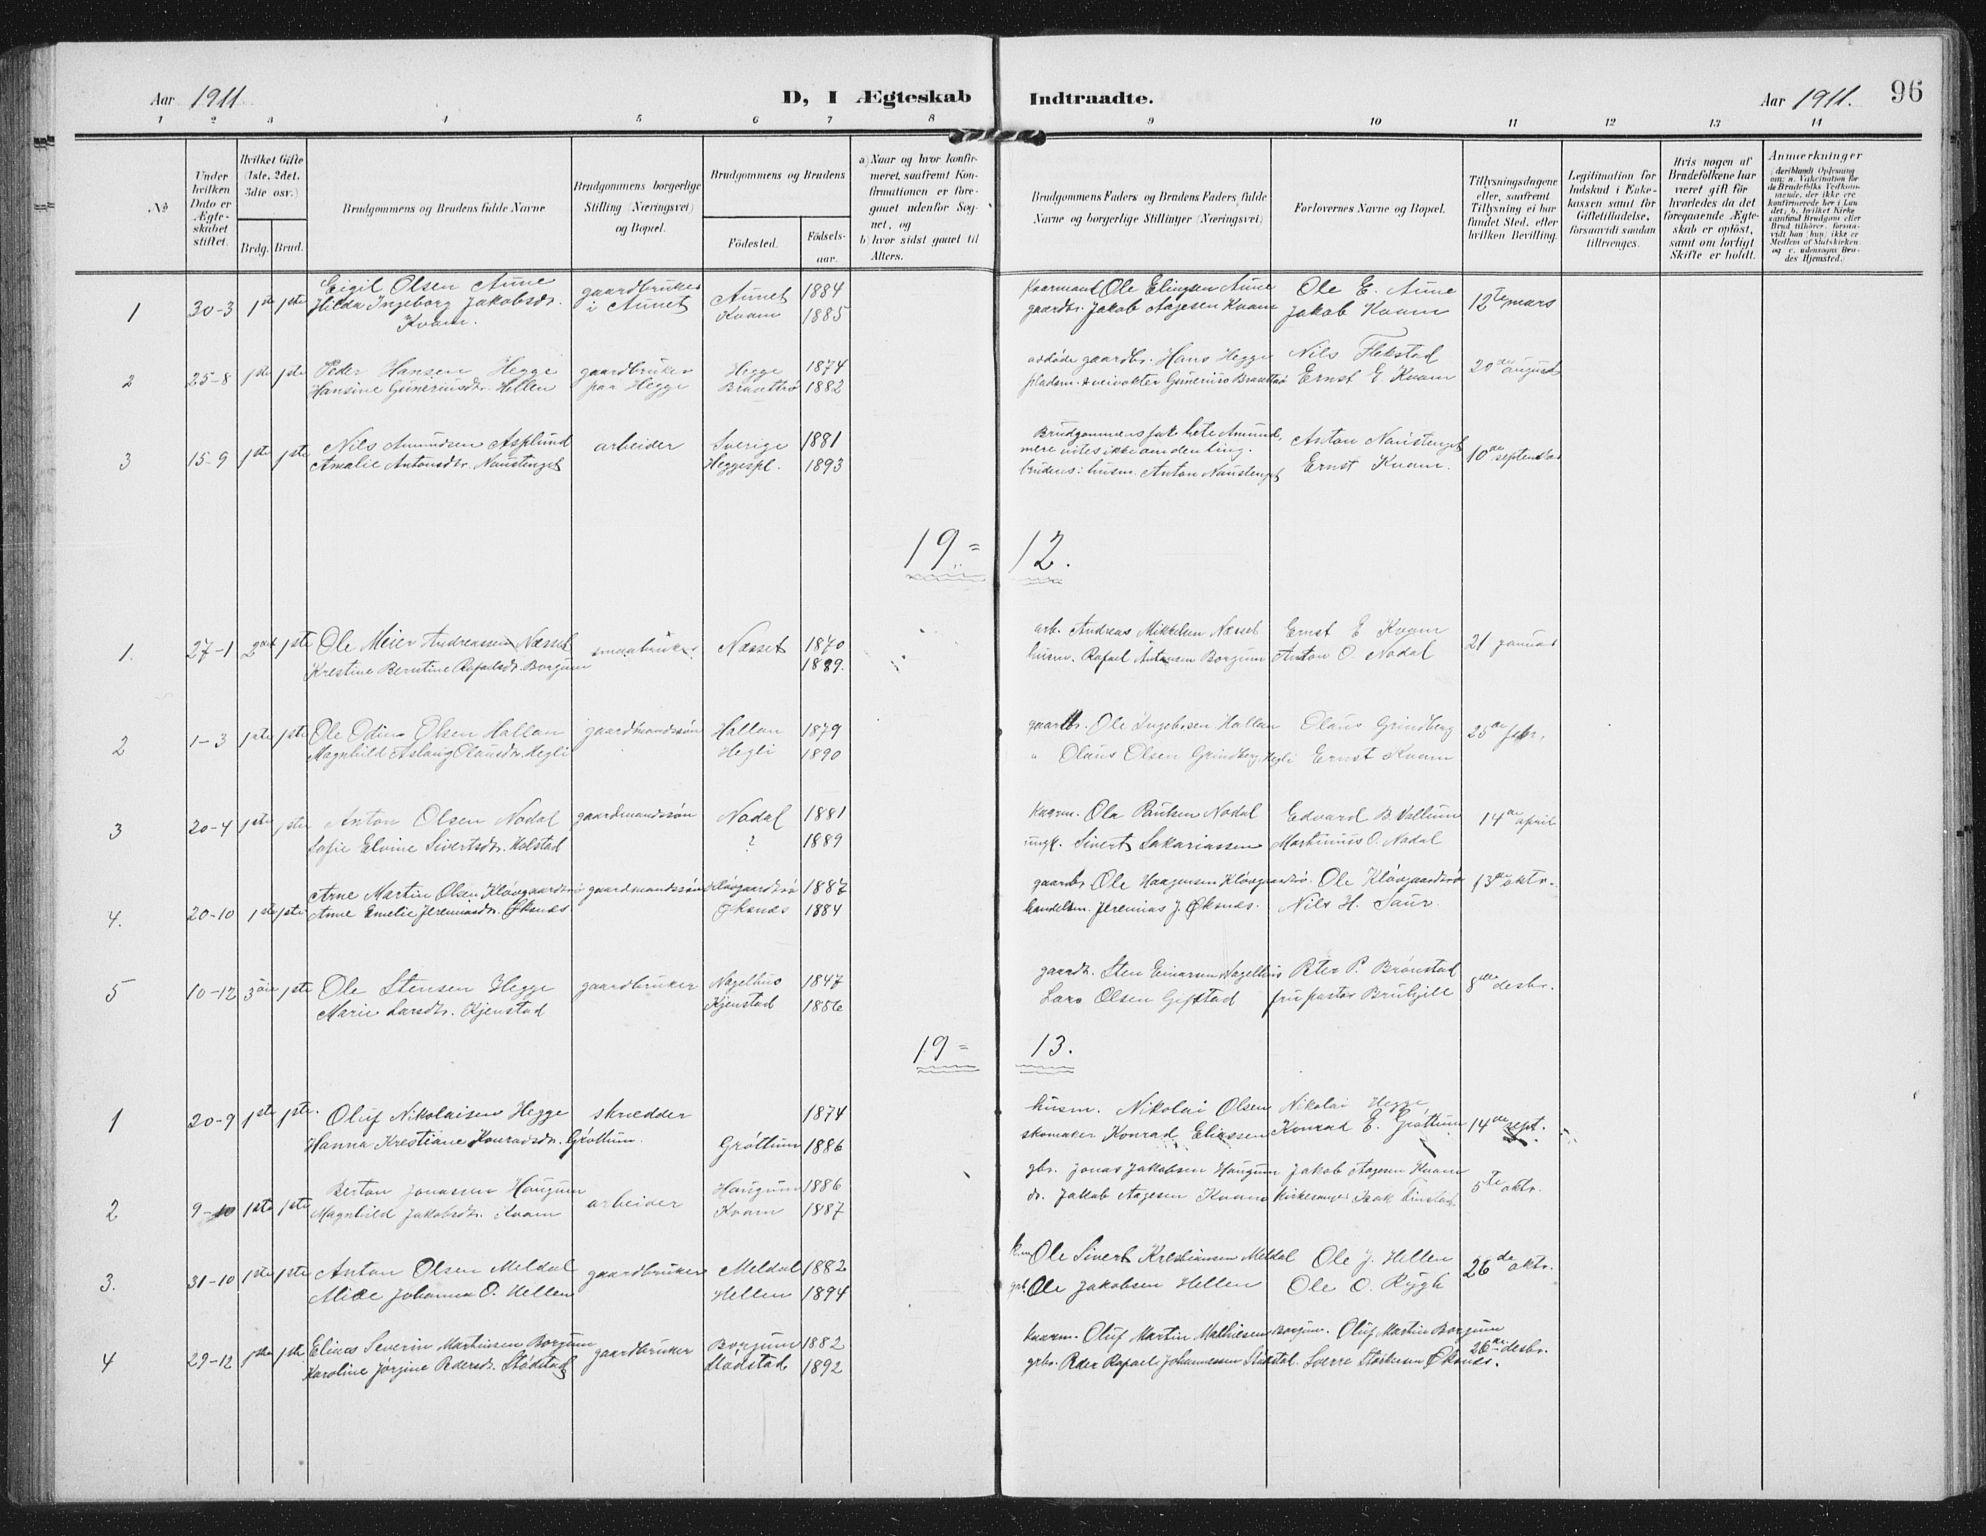 SAT, Ministerialprotokoller, klokkerbøker og fødselsregistre - Nord-Trøndelag, 747/L0460: Klokkerbok nr. 747C02, 1908-1939, s. 96